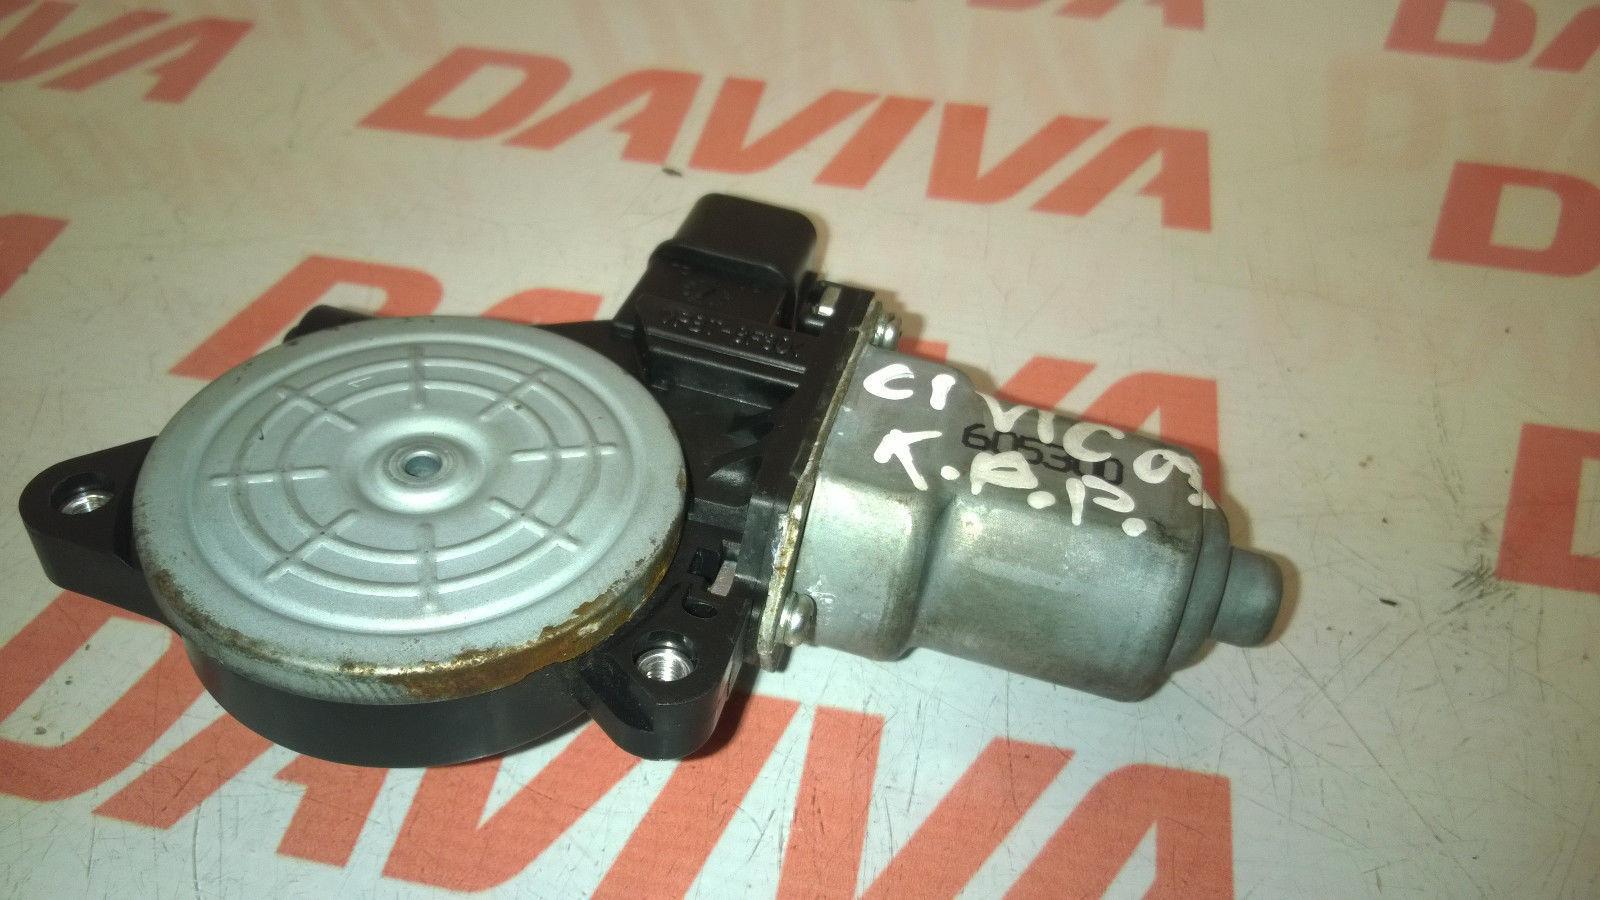 HONDA CIVIC MK8 2005-2011 FRONT LEFT PASSENGER SIDE DOOR ELECTRIC WINDOW MOTOR